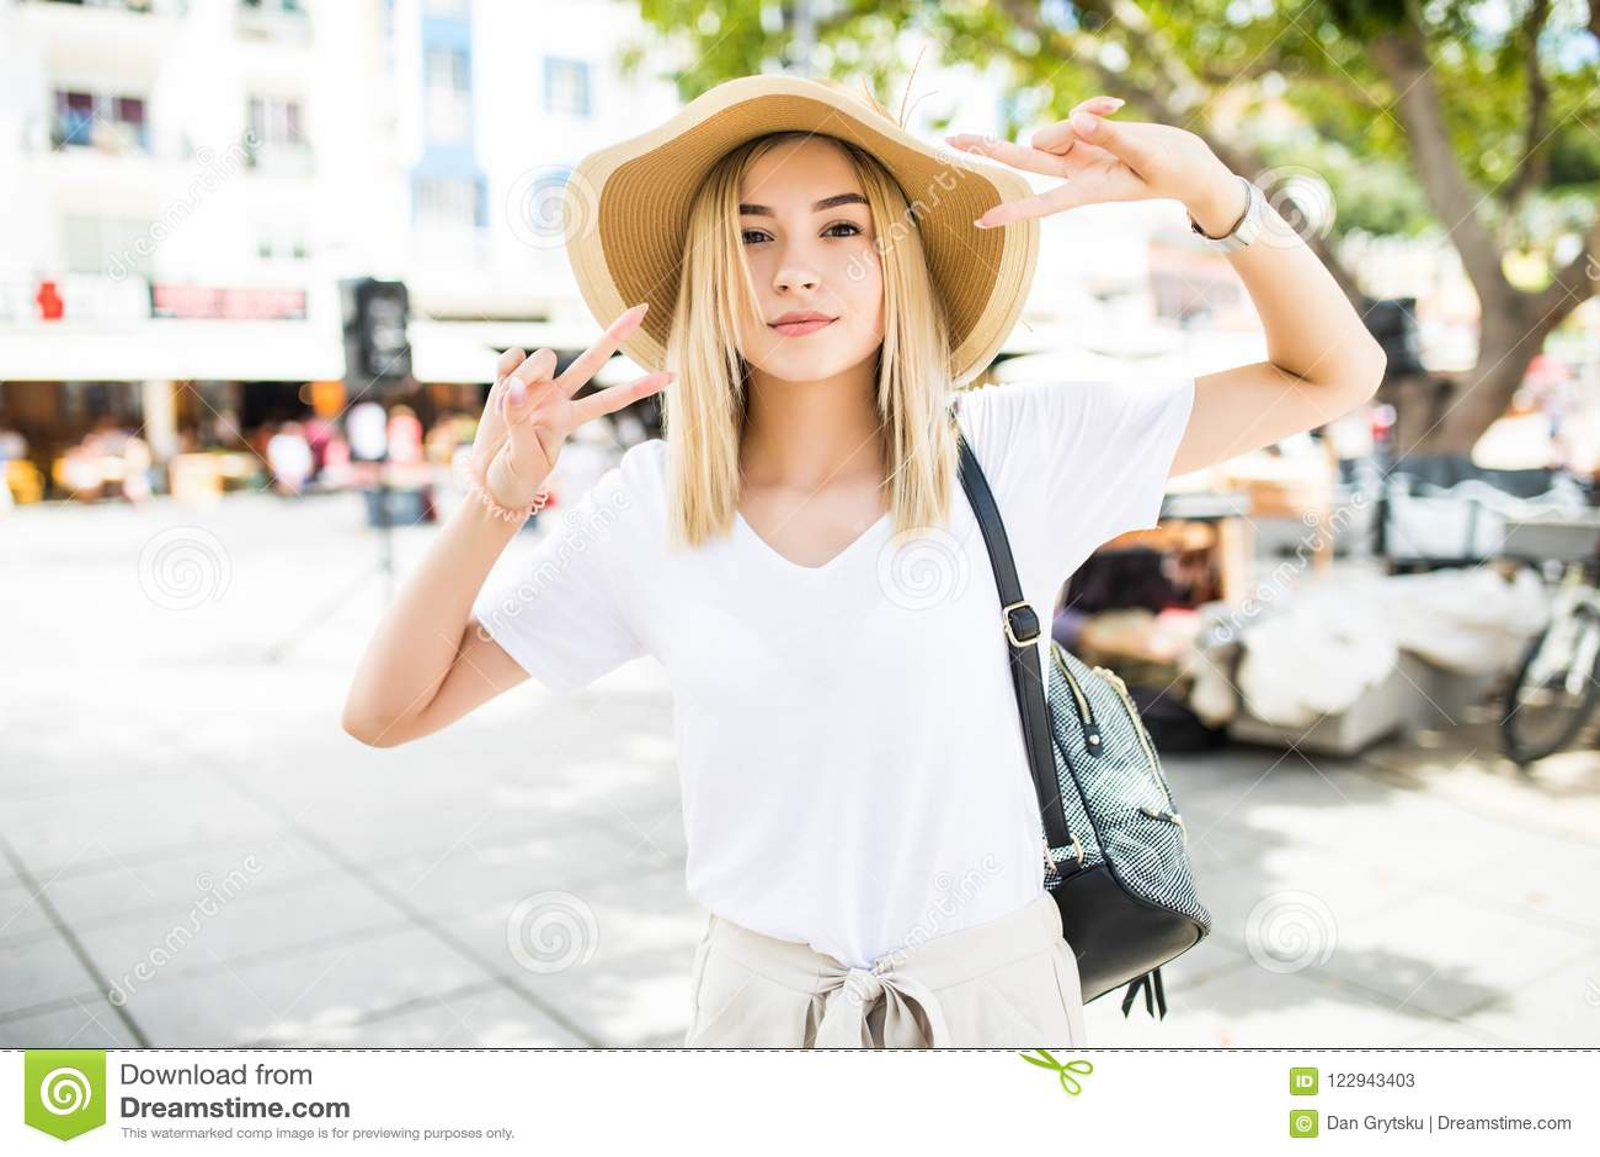 Ung brauty kvinna i sommarhatt på gatorna